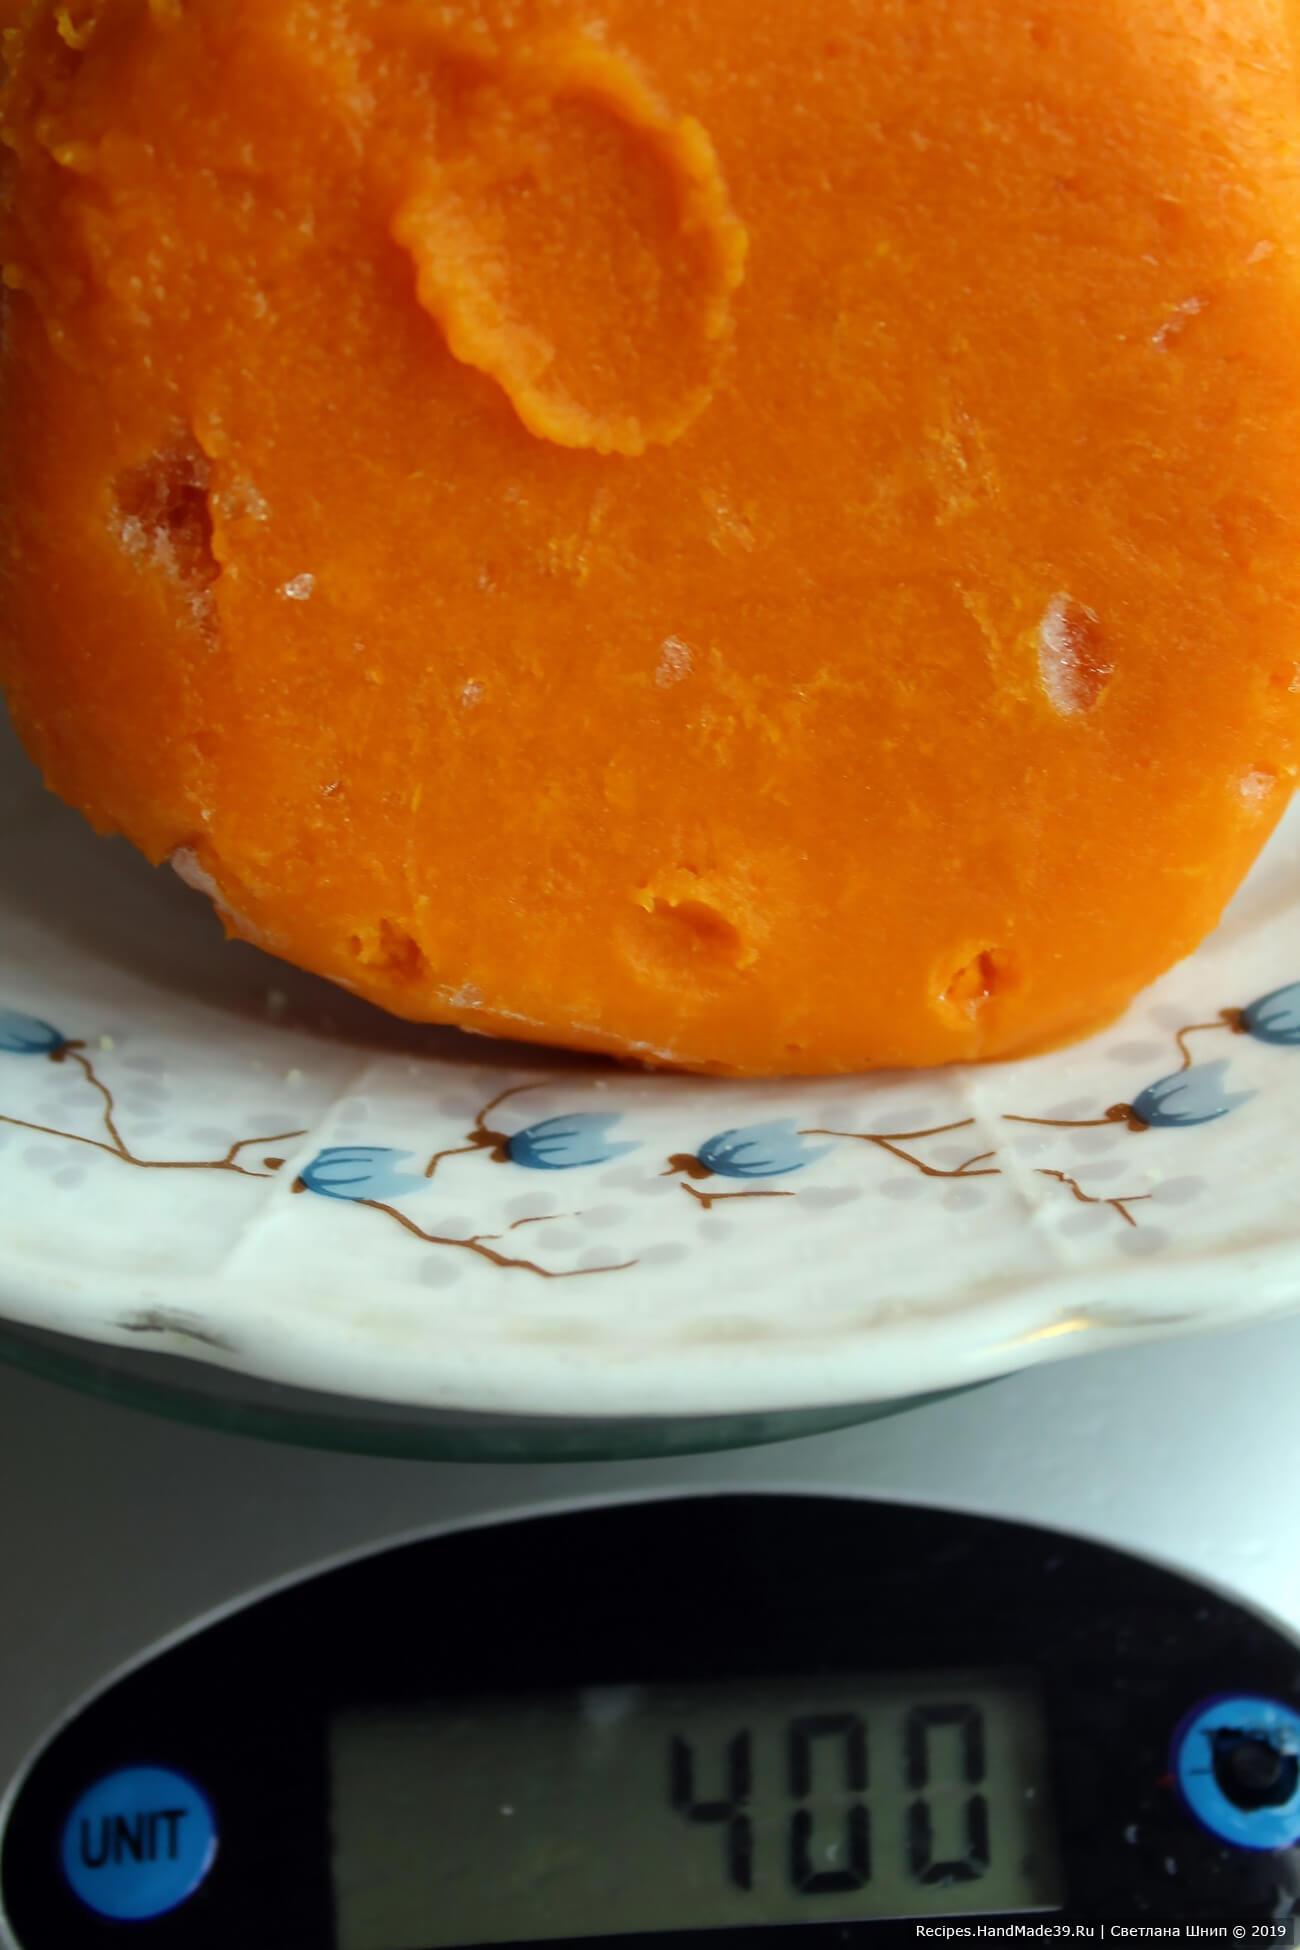 Тыкву нарезать кусками, кожуру не снимать. Противень застелить пергаментом, выложить тыкву, запекать её 15-20 минут до мягкости в духовке, разогретой до температуры 200 °C